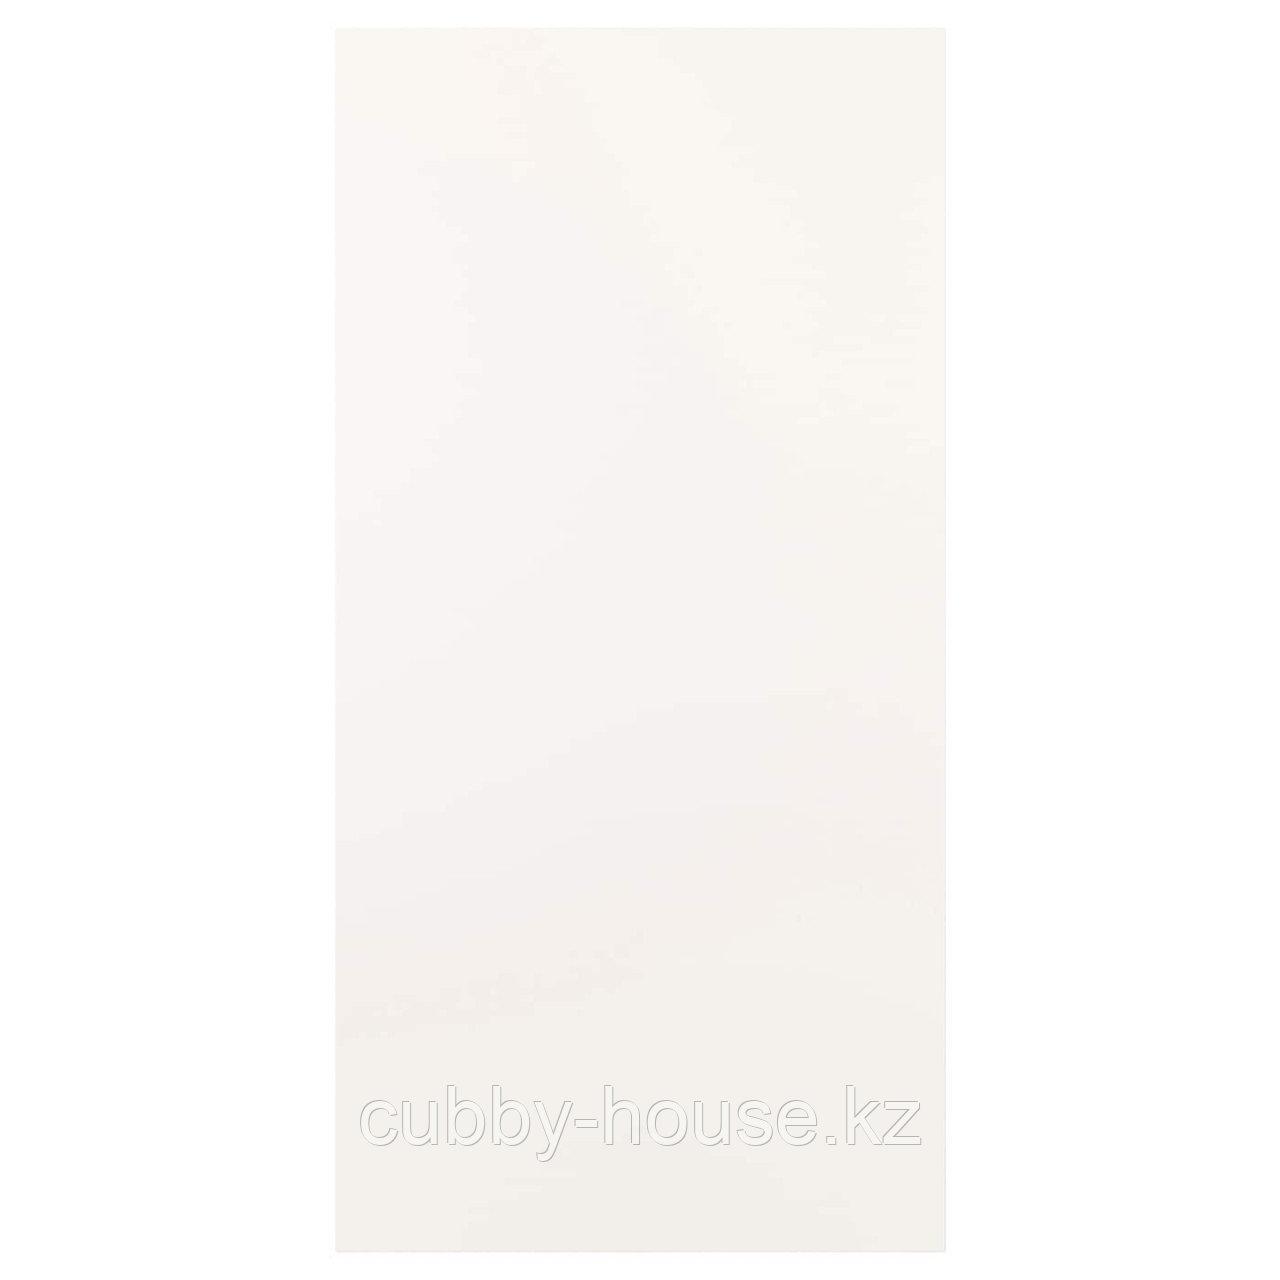 ФОННЕС Дверца с петлями, белый, 60x60 см